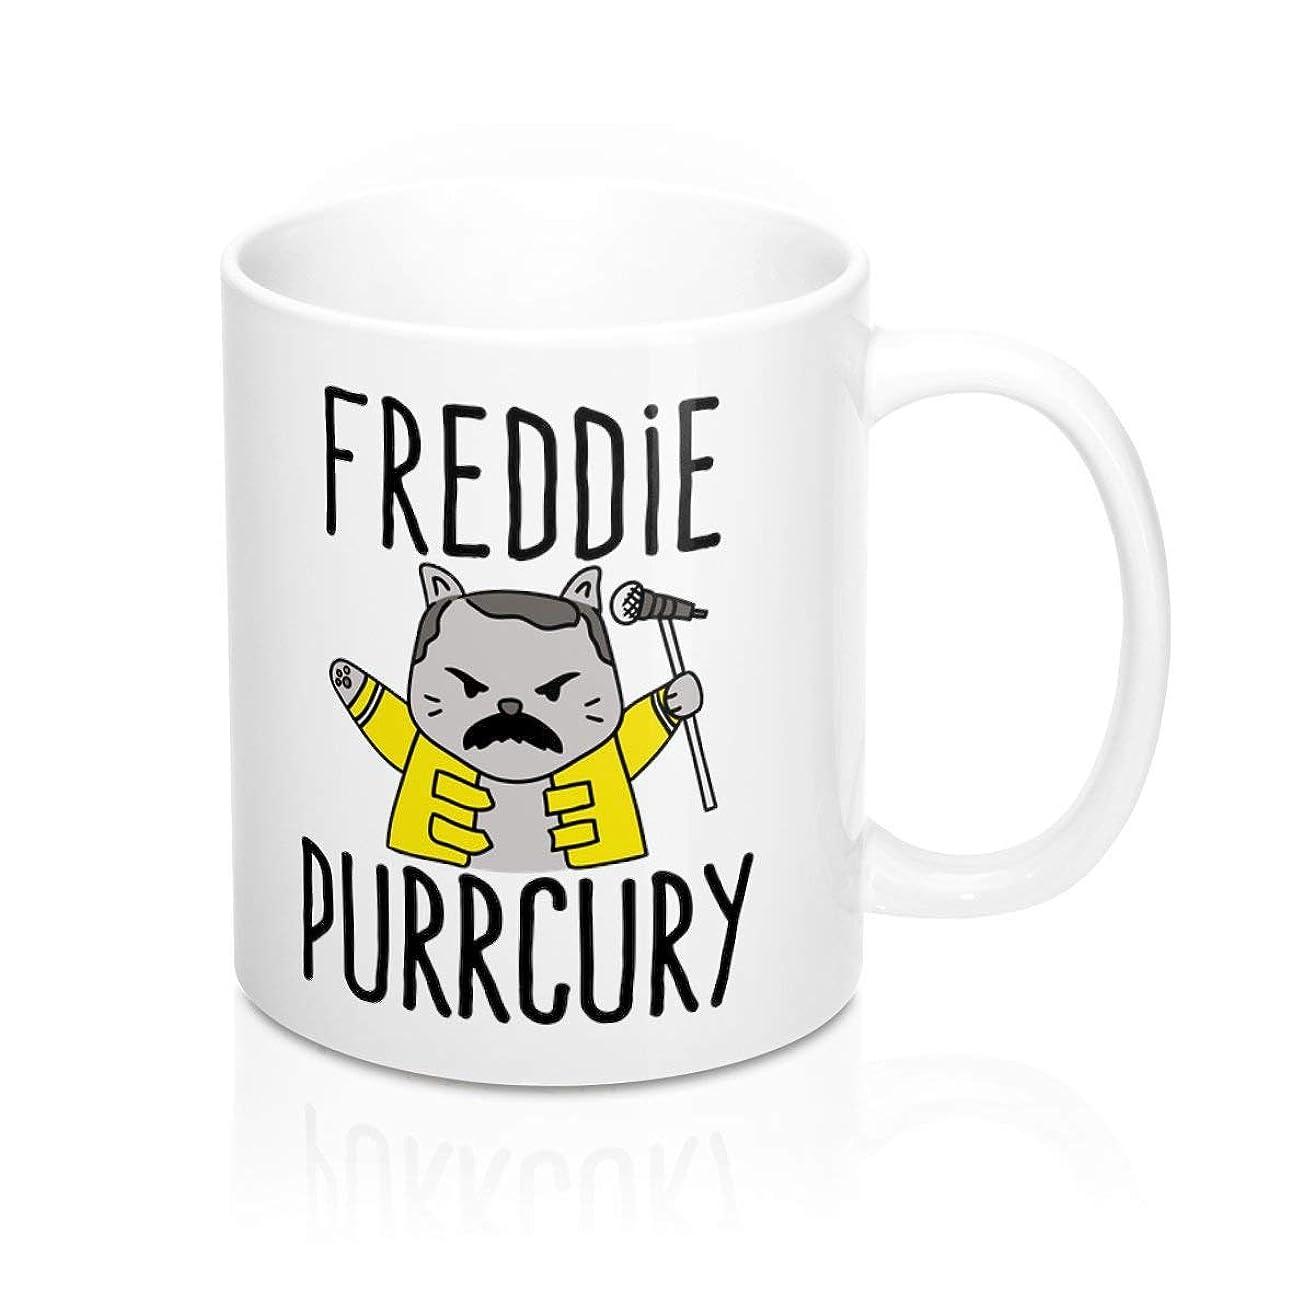 Freddie Mercury Mug - Freddie Purrcury; Freddie Mercury Cat- Coffee Mug, Tea Mug, Cute Mug - Gift, cute gift, Souvenir, 11oz, 15oz